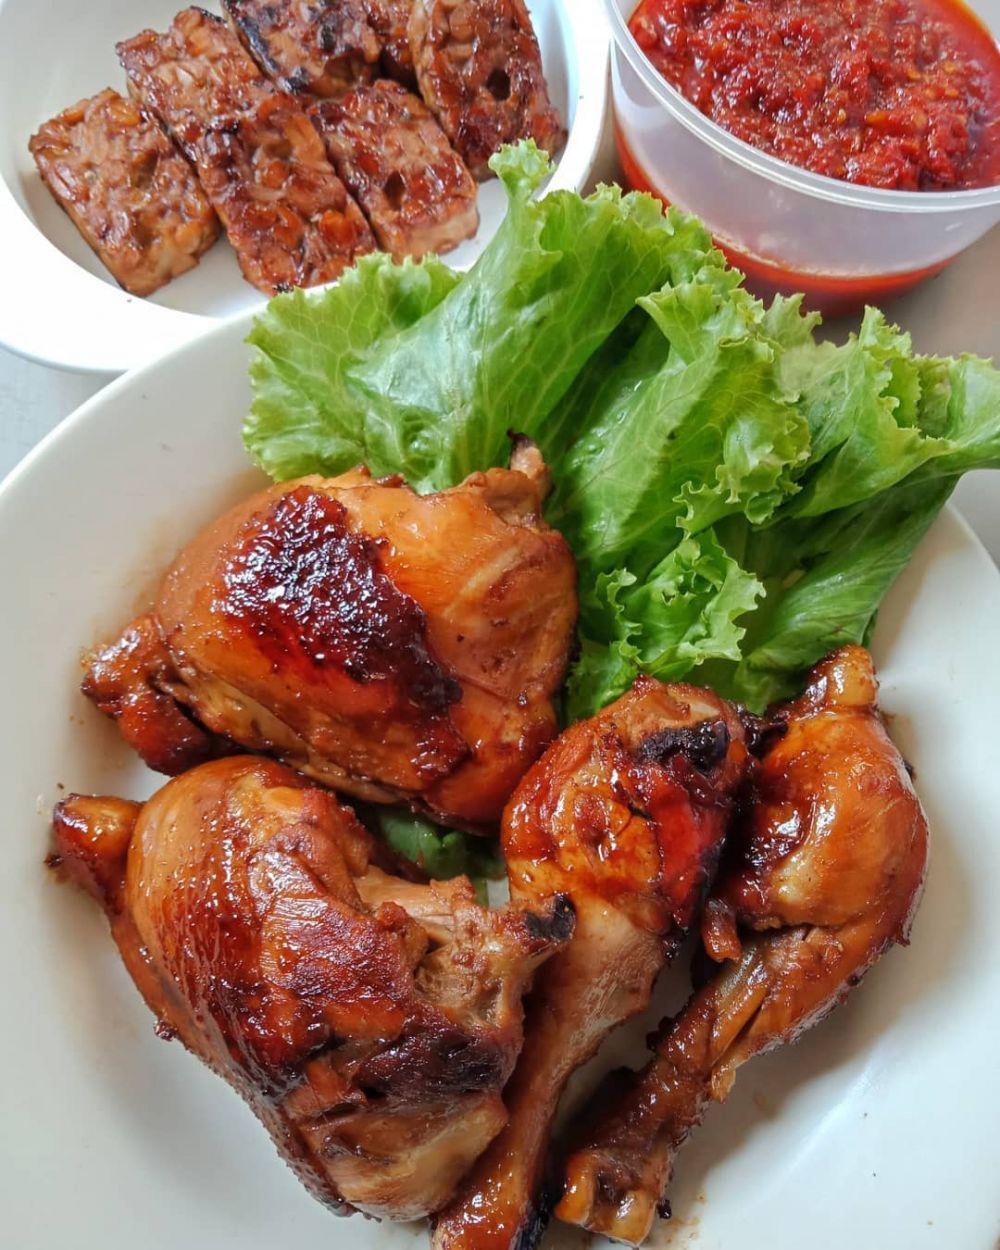 14 Resep Cara Membuat Ayam Bakar Instagram 1001resepandalan Siska Dewi Lestari Di 2020 Resep Resep Ayam Resep Masakan Indonesia